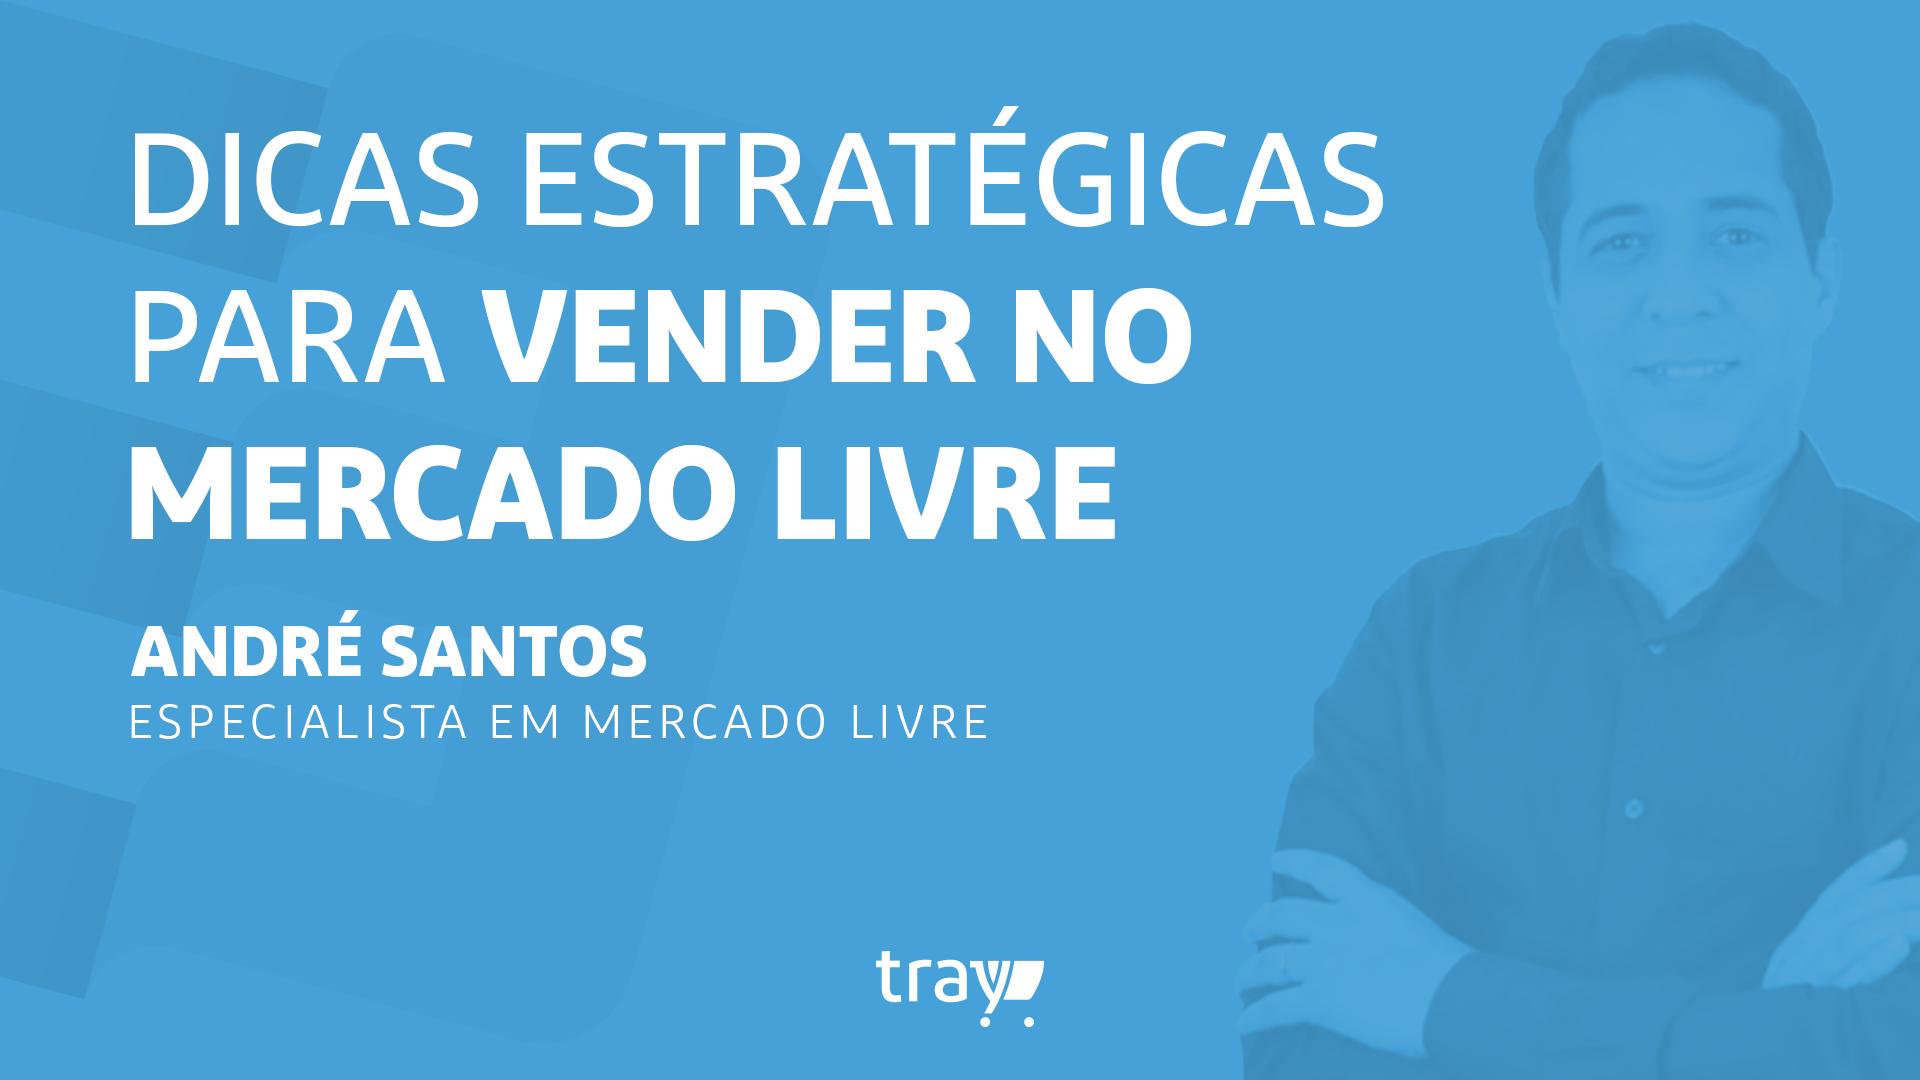 Dicas Estratégicas para Vender no Mercado Livre com André Santos